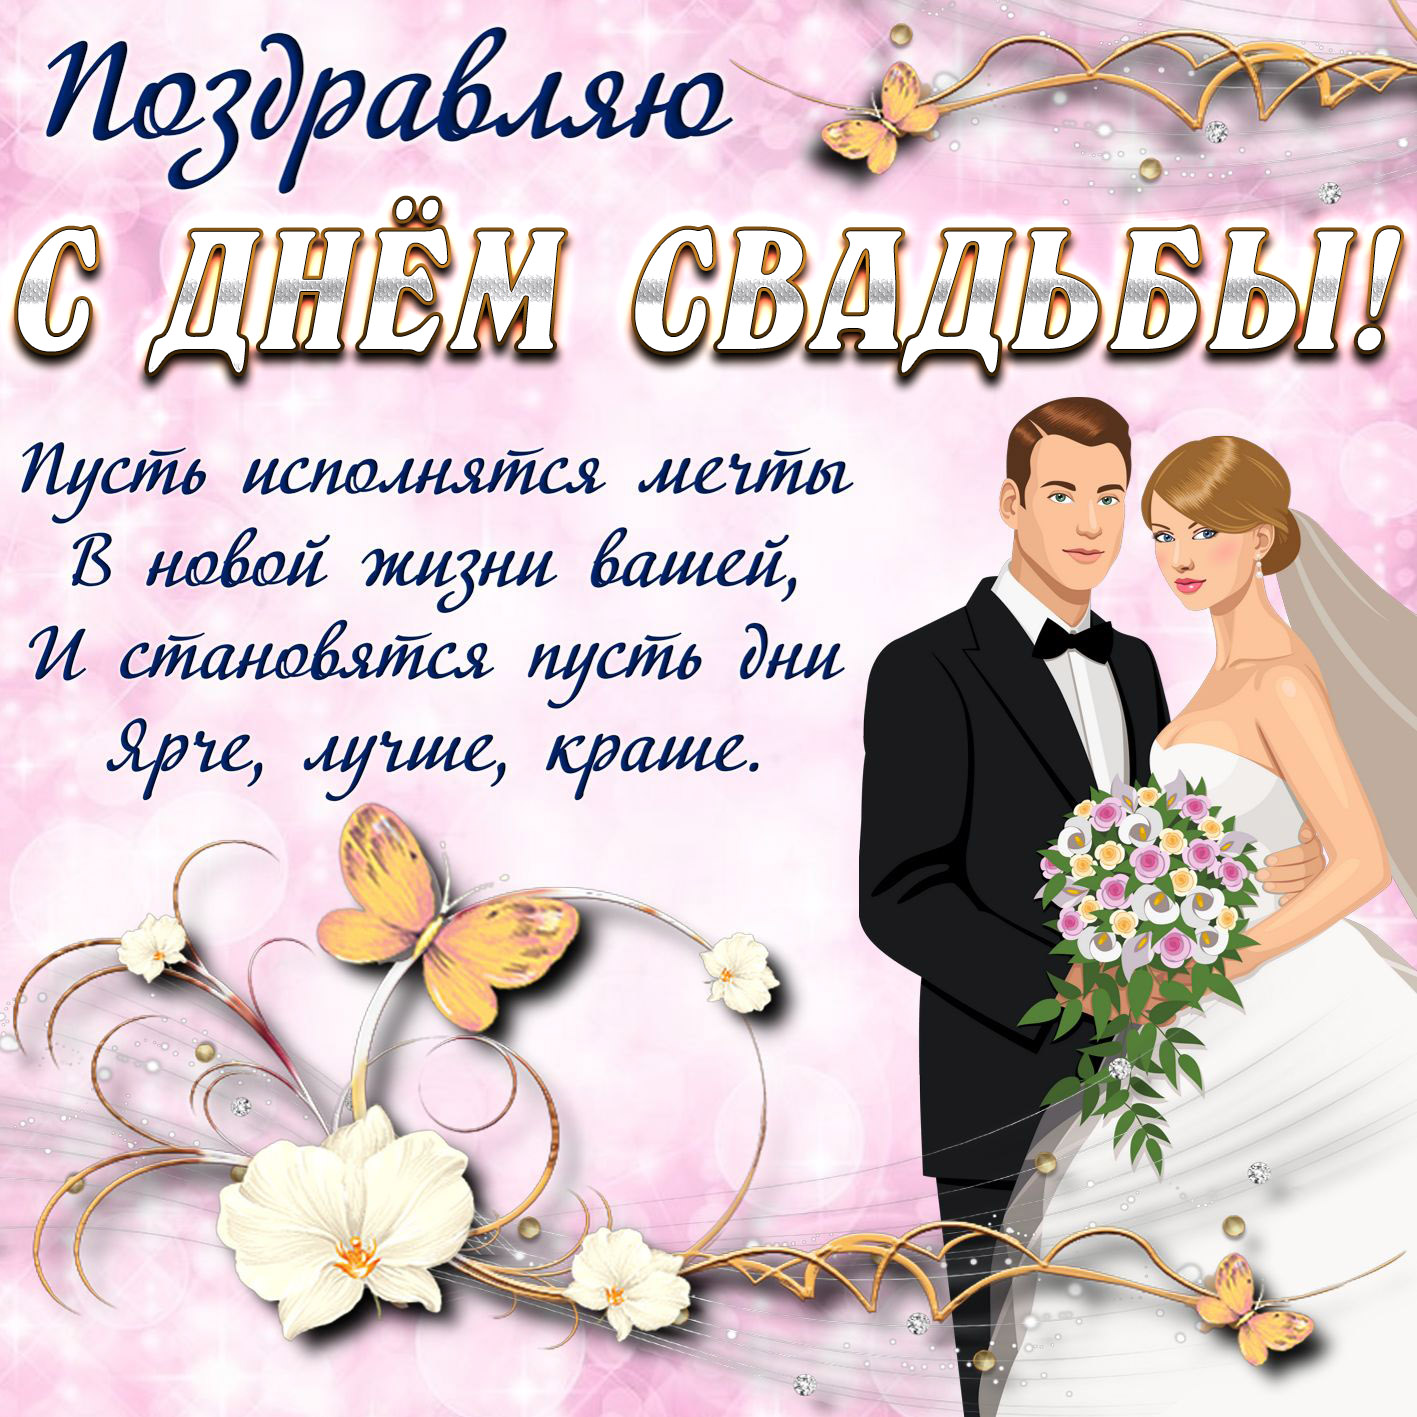 Поздравления с свадьбой картинка